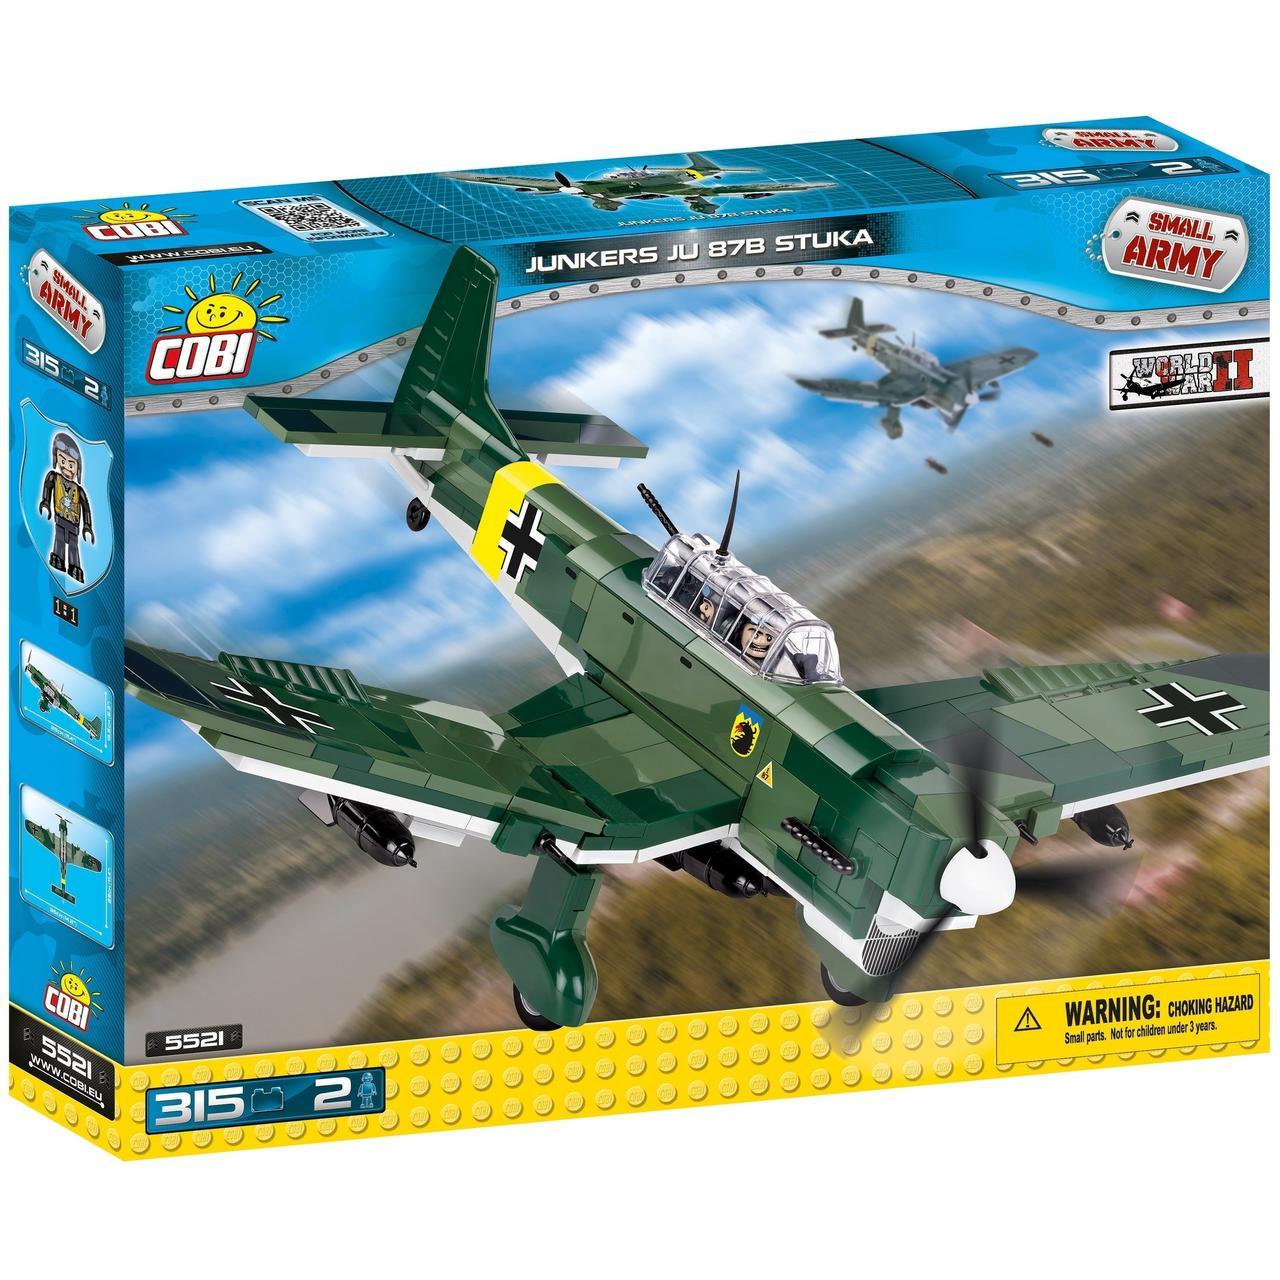 Конструктор COBI Вторая Мировая Война Самолет Юнкерс Ю-87 315 деталей (COBI-5521)(5902251055219)